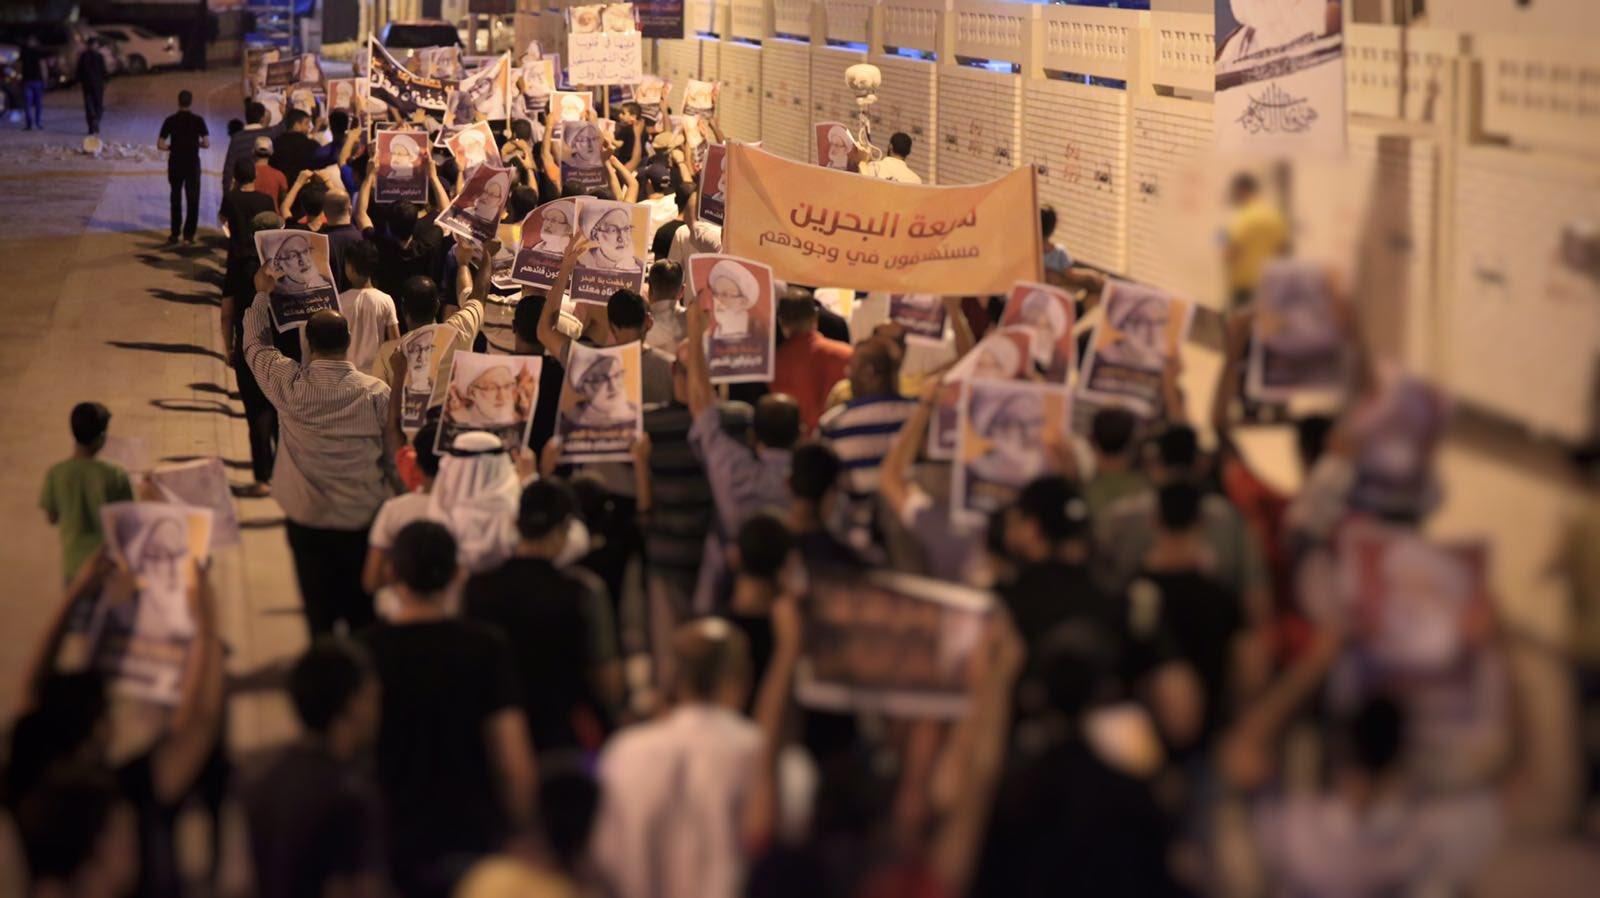 مسيرة حاشدة في محيط «ميدان الفداء» تُؤكد الثبّات على الموقف الفدائي